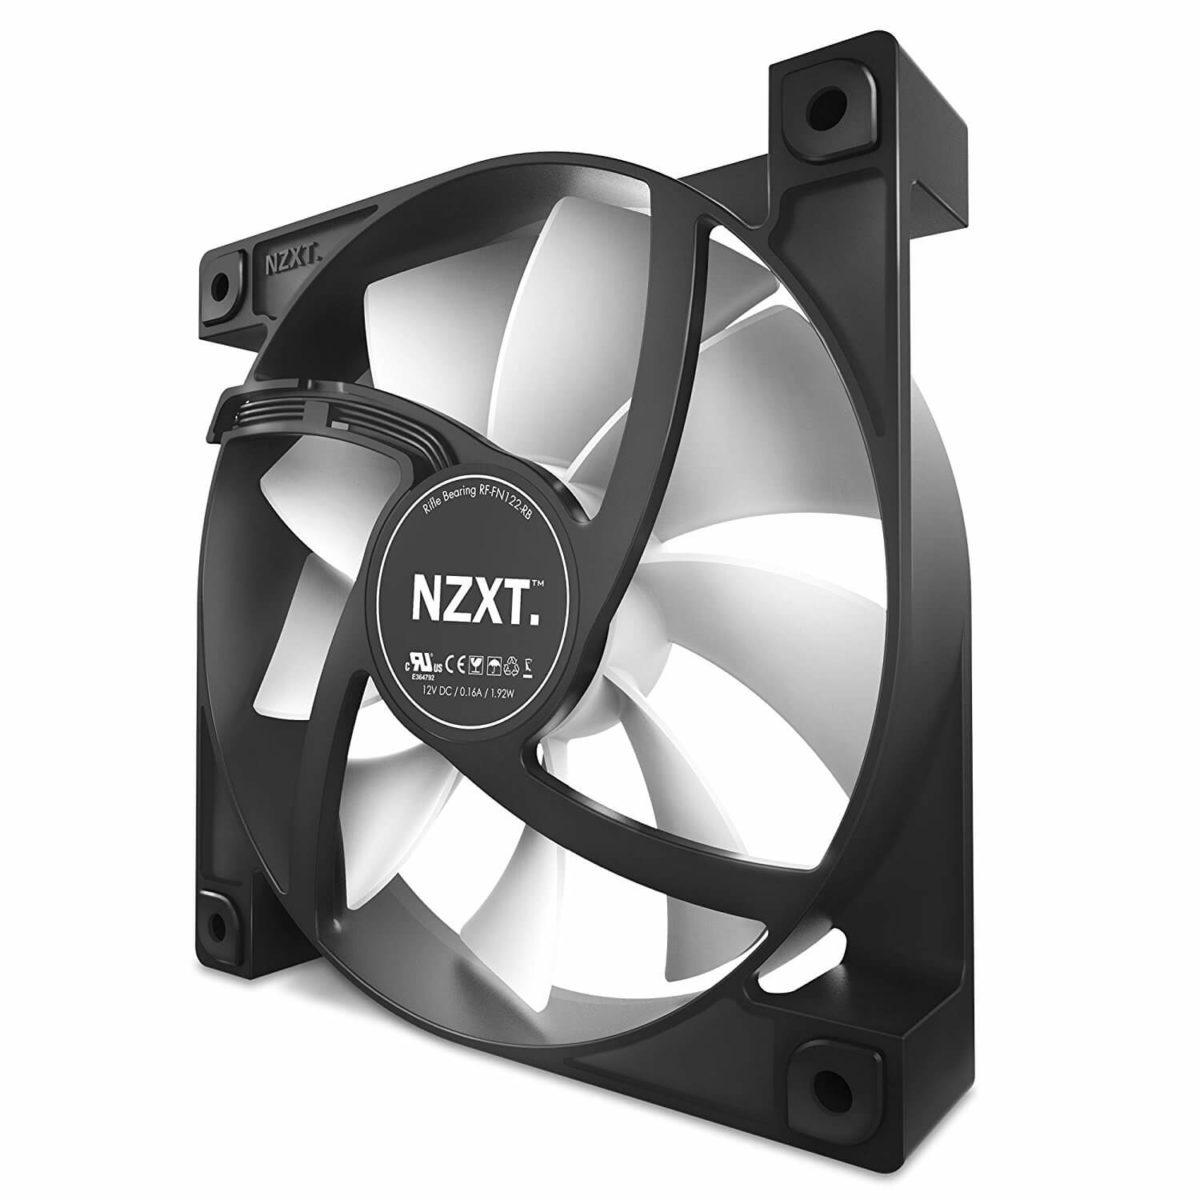 NZXT FN V2 120mm Case Fan